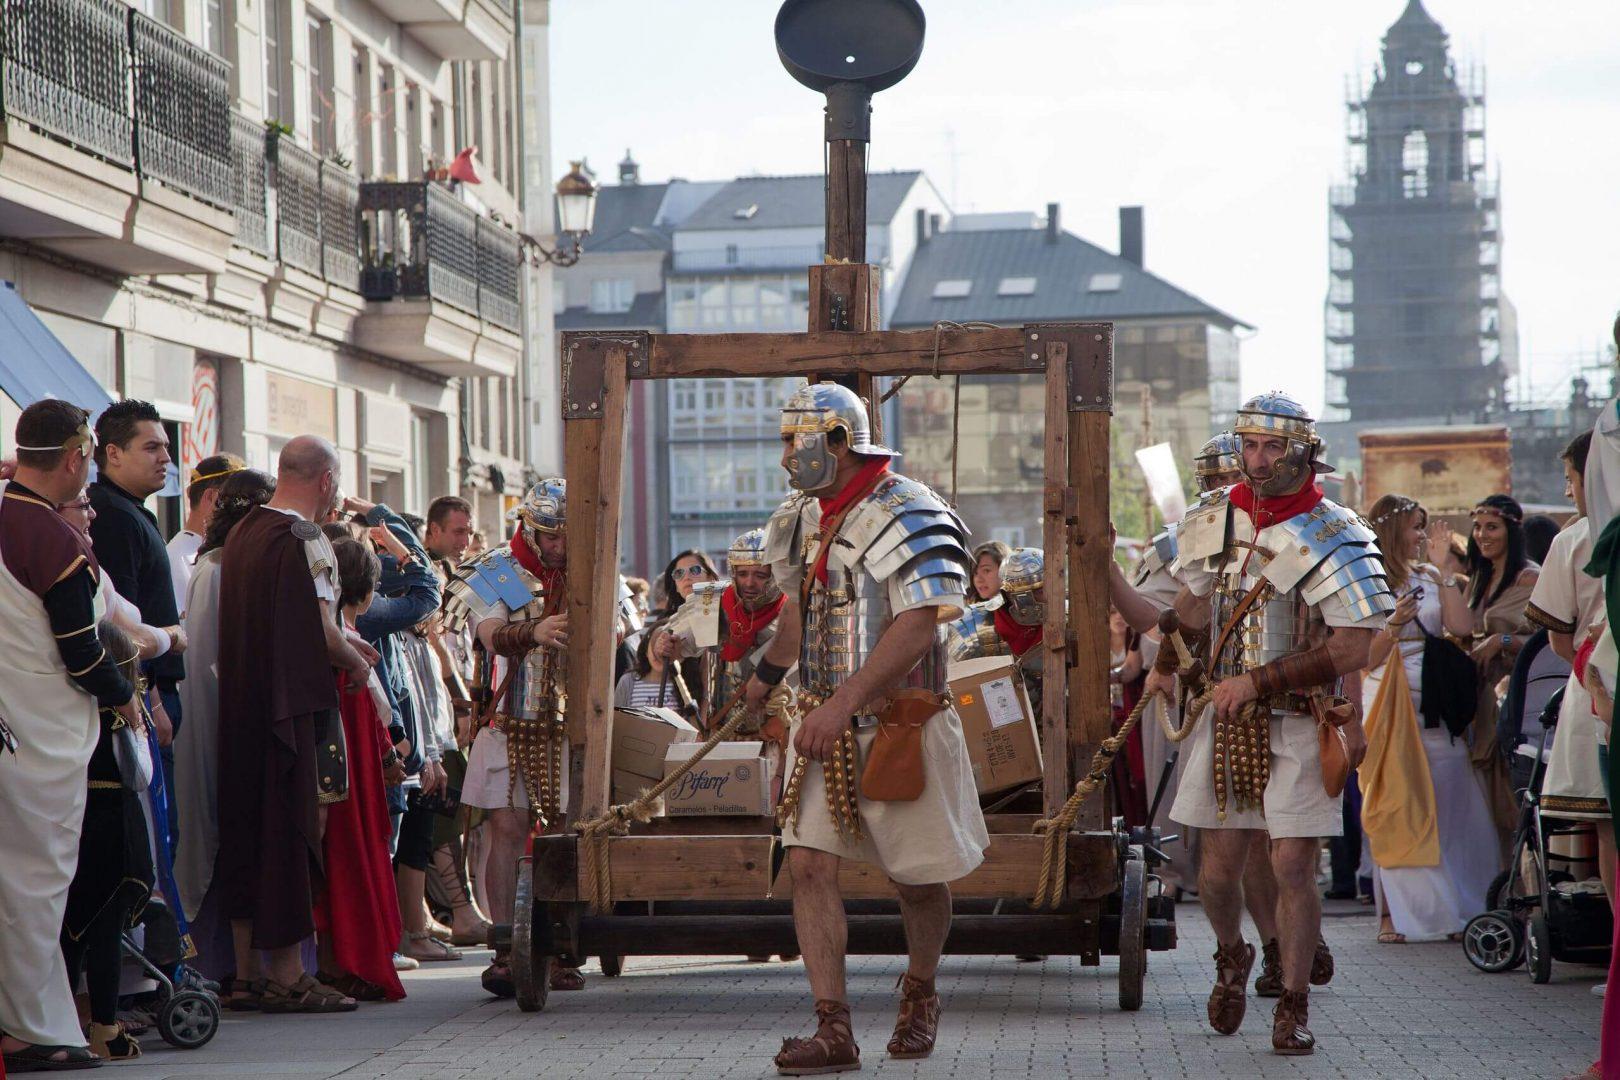 Arde Lucuses es una fiesta que revive el pasado romano y castreño de la ciudad de Lugo y conmemora la fundación de la ciudad.